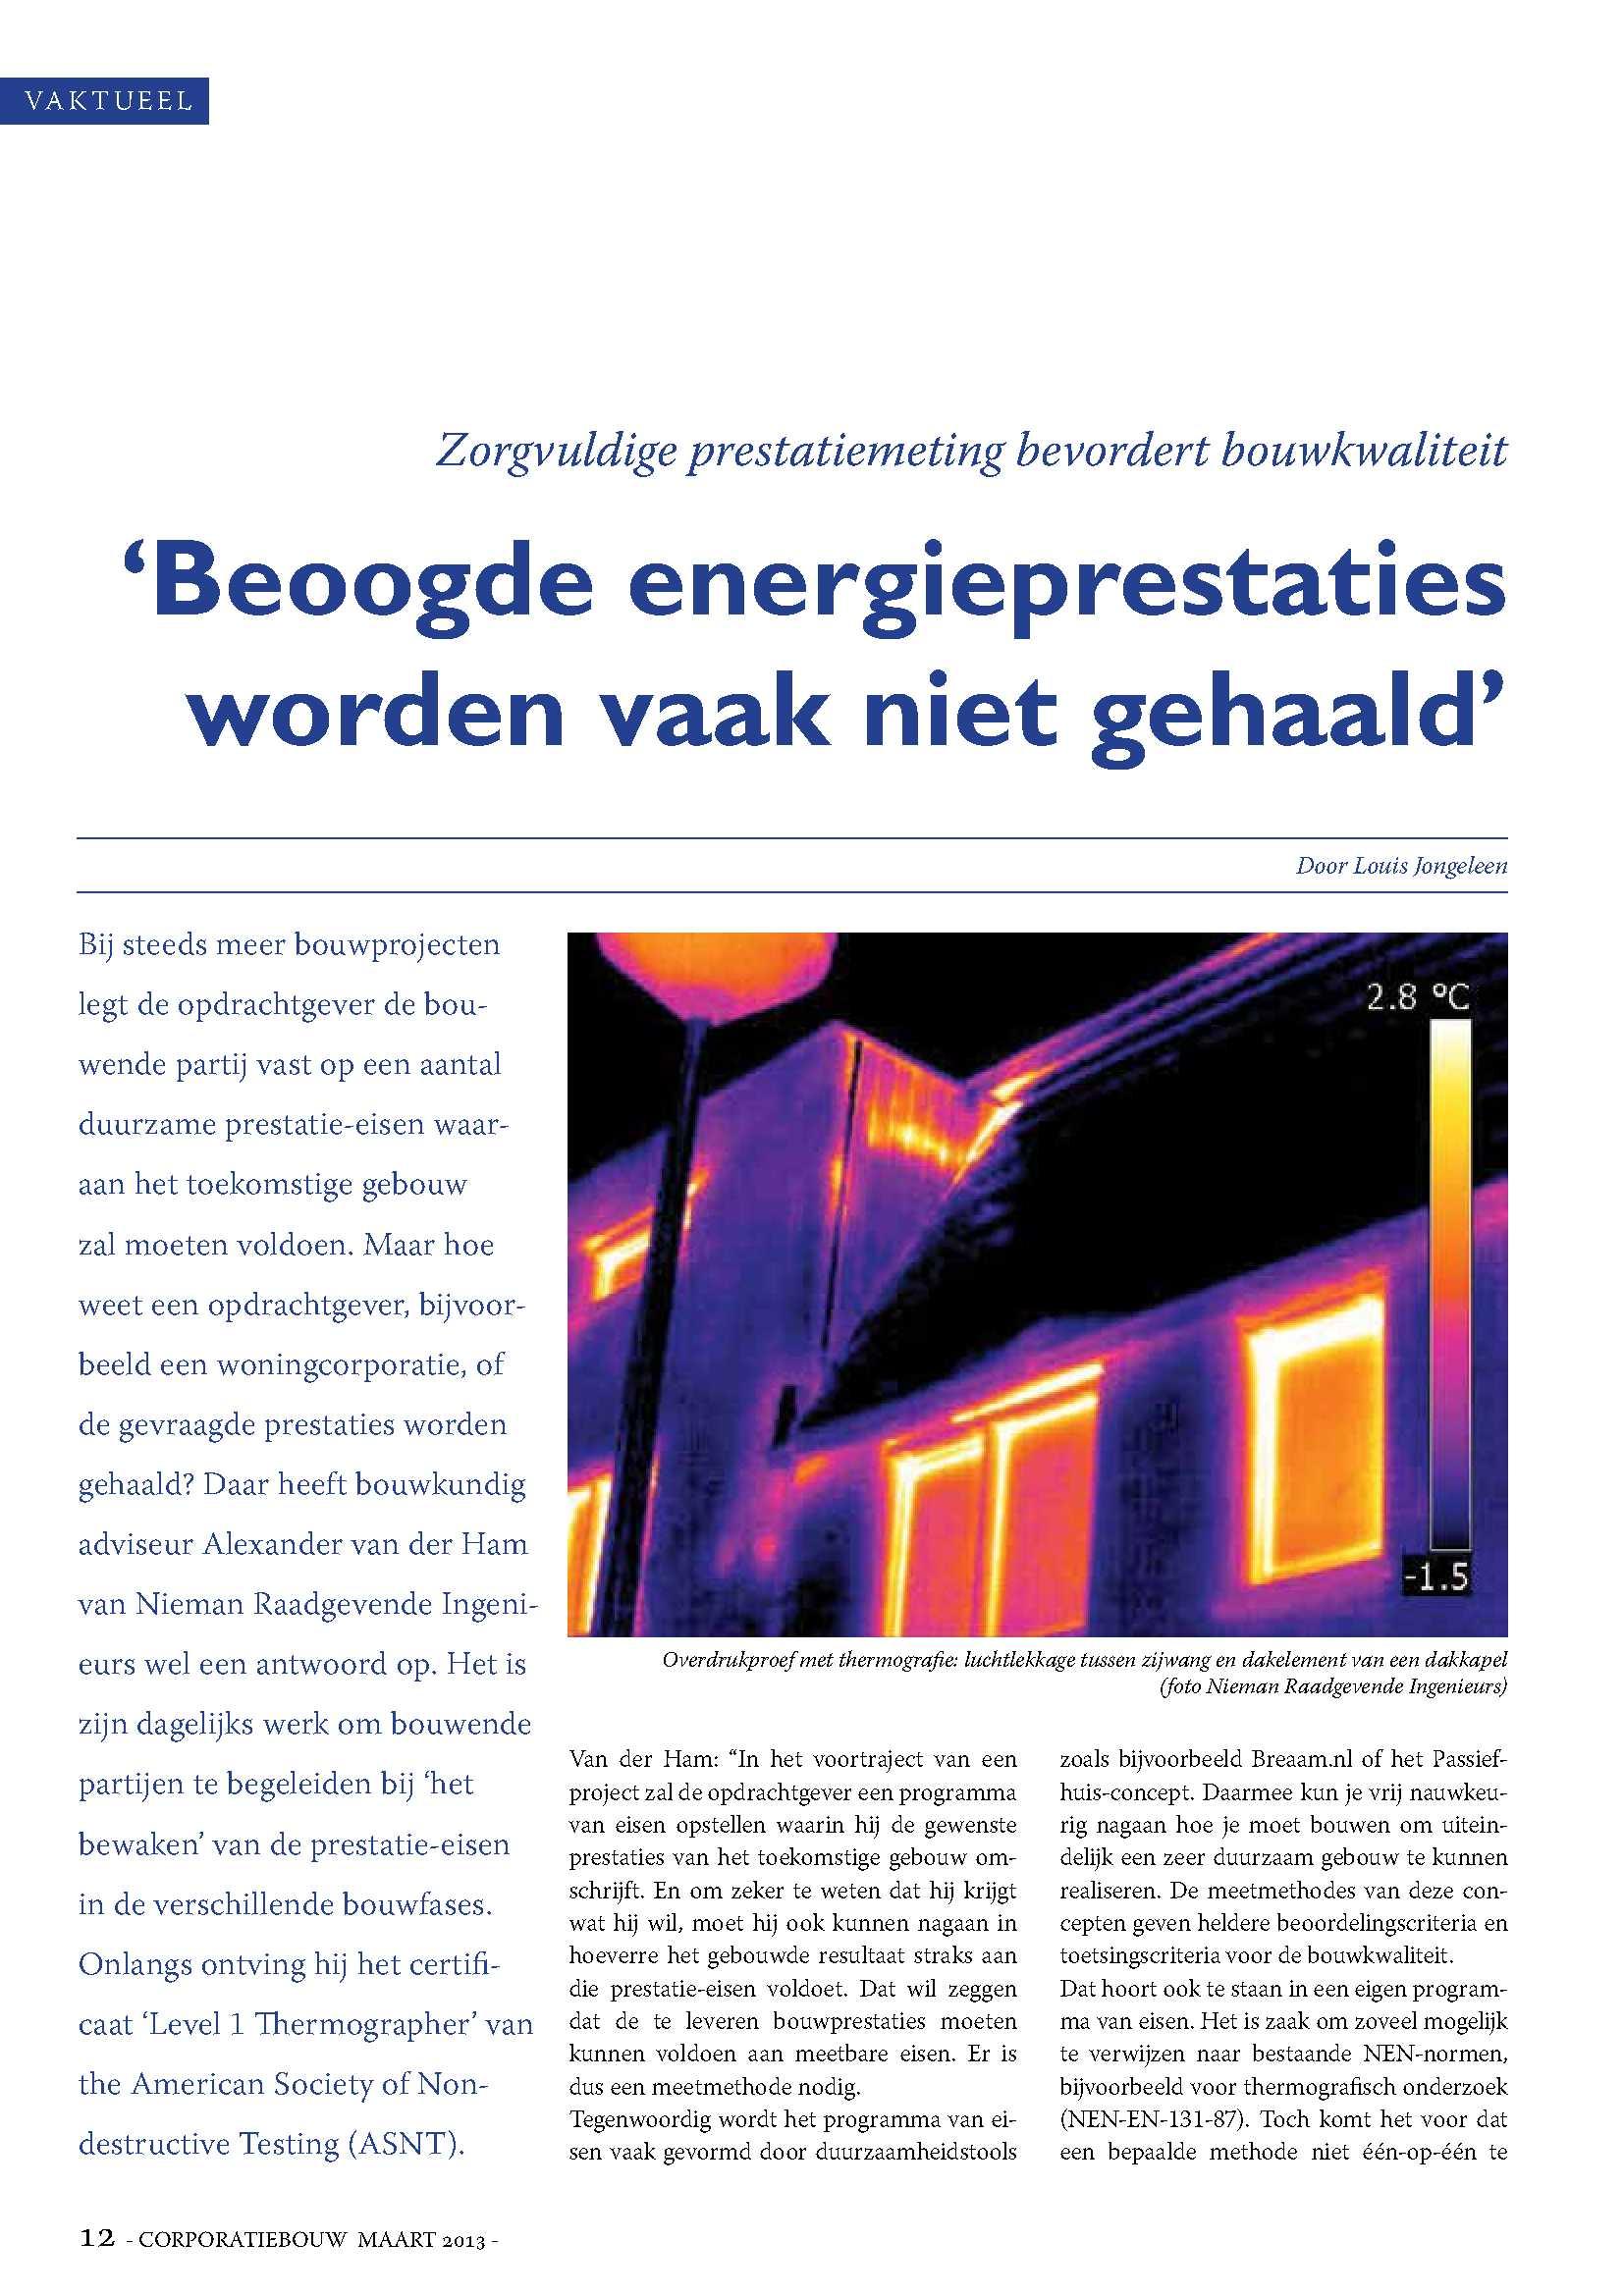 Corporatiebouw-2013-2_Vaktueel-Nieman_1